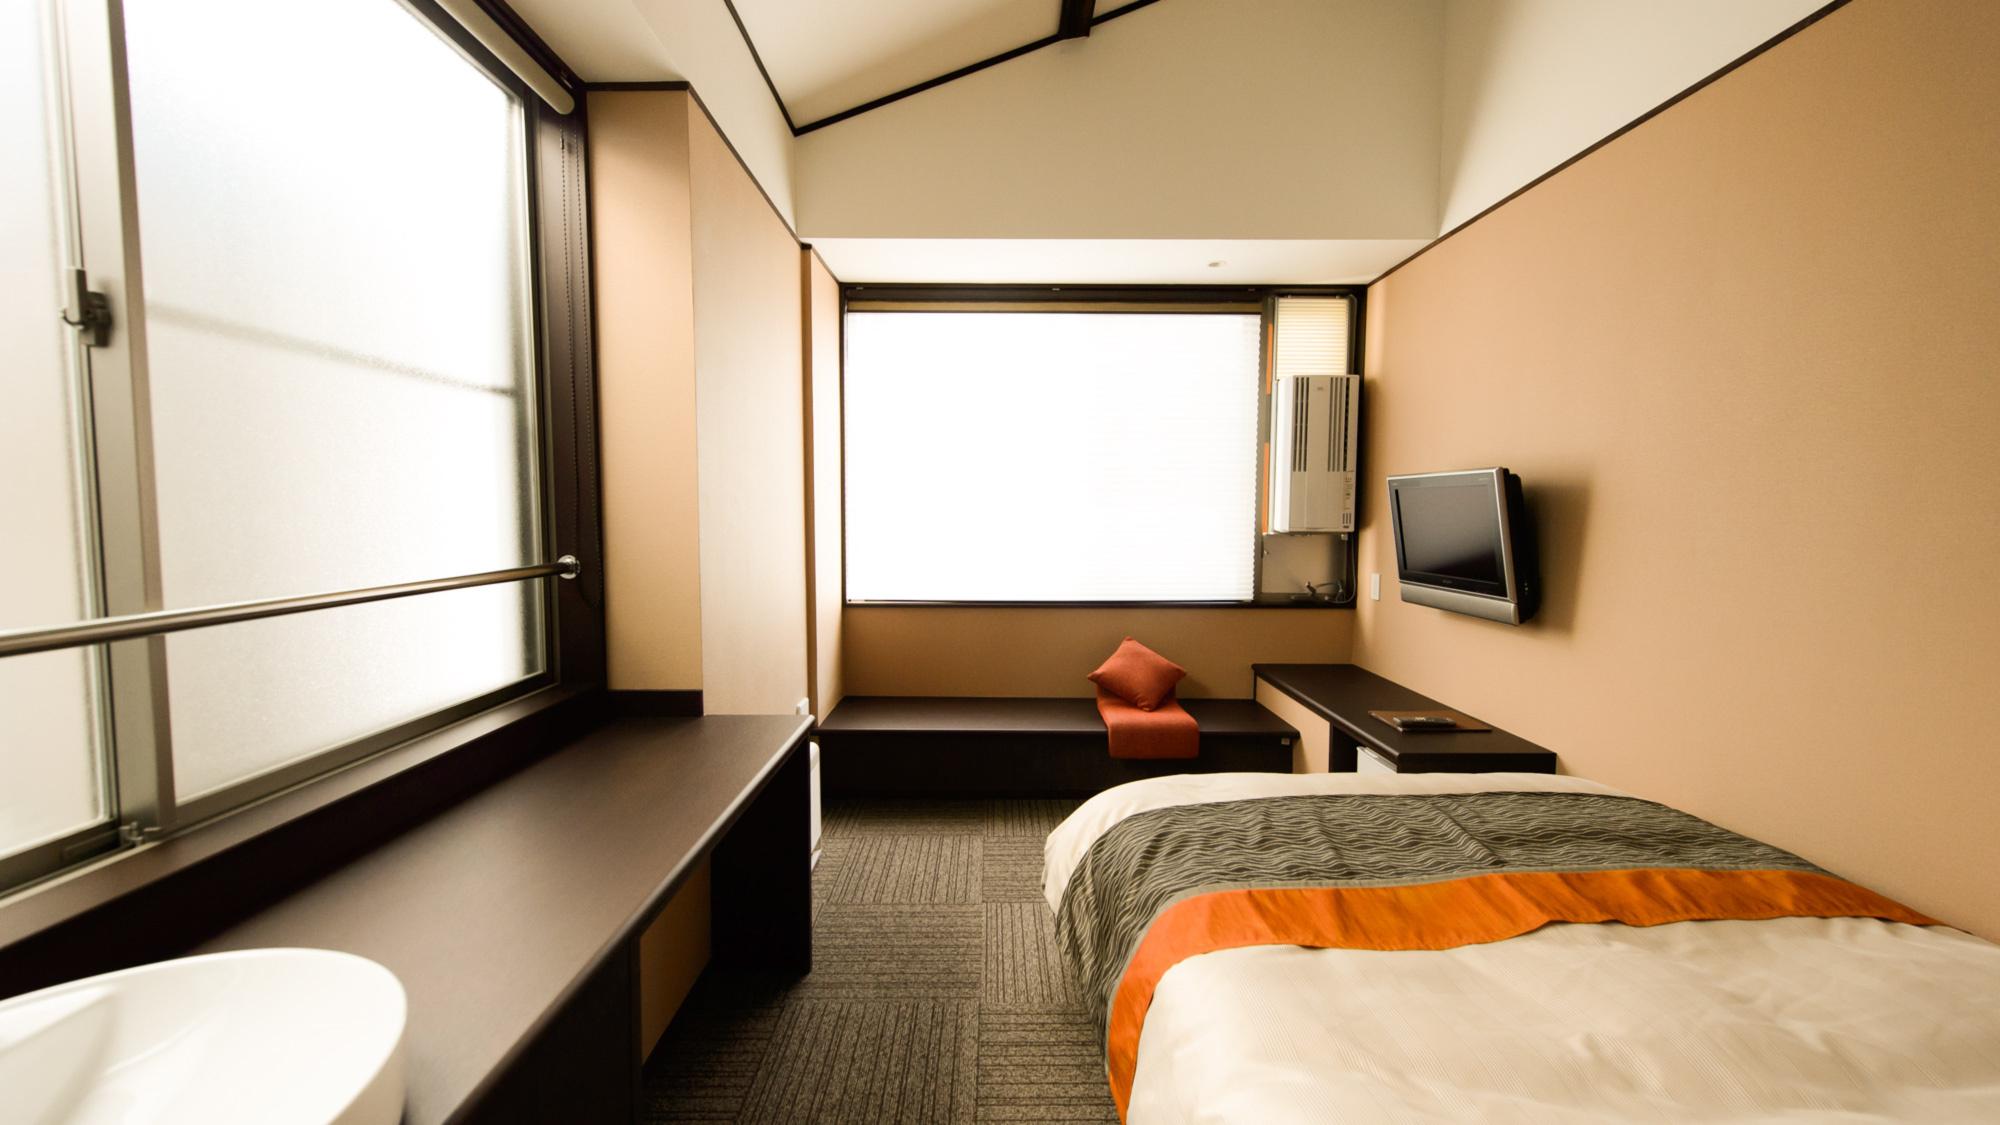 【ダブルルーム】1〜2名様でご利用いただけるダブルルーム。室内でのインターネット接続も可能です!